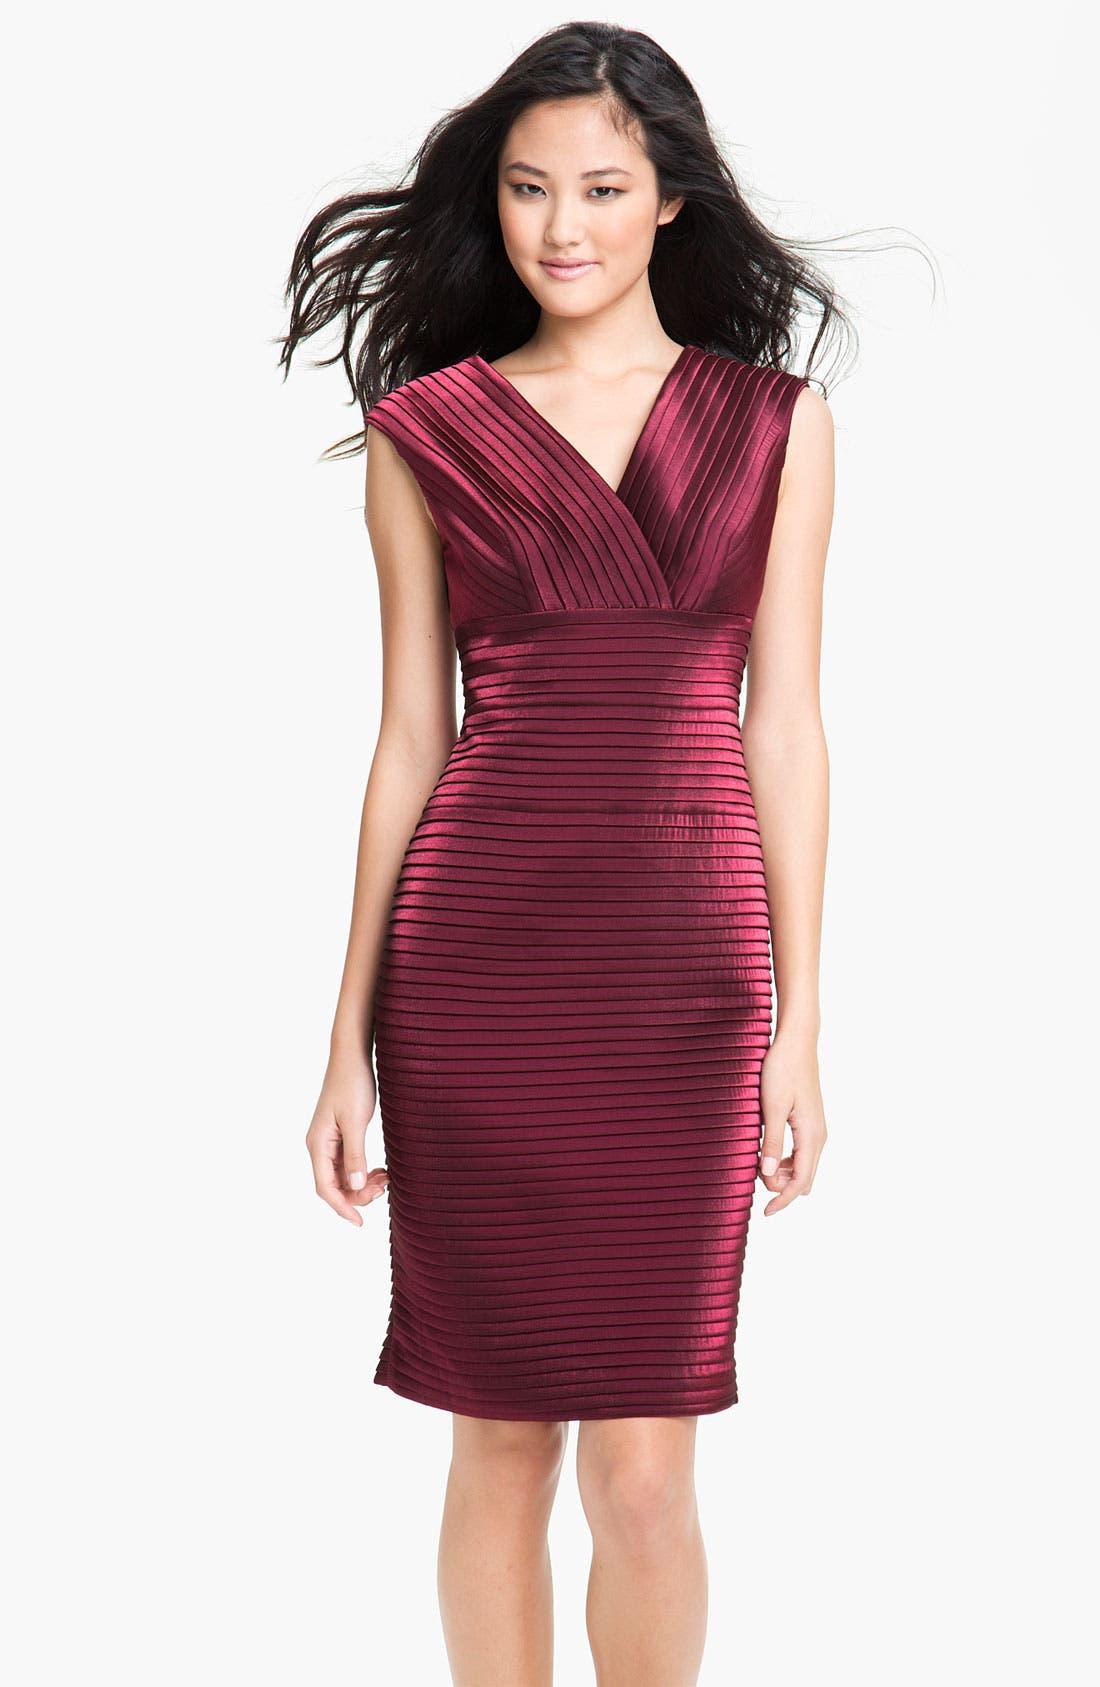 Alternate Image 1 Selected - Adrianna Papell Metallic Pleated Sheath Dress (Petite)